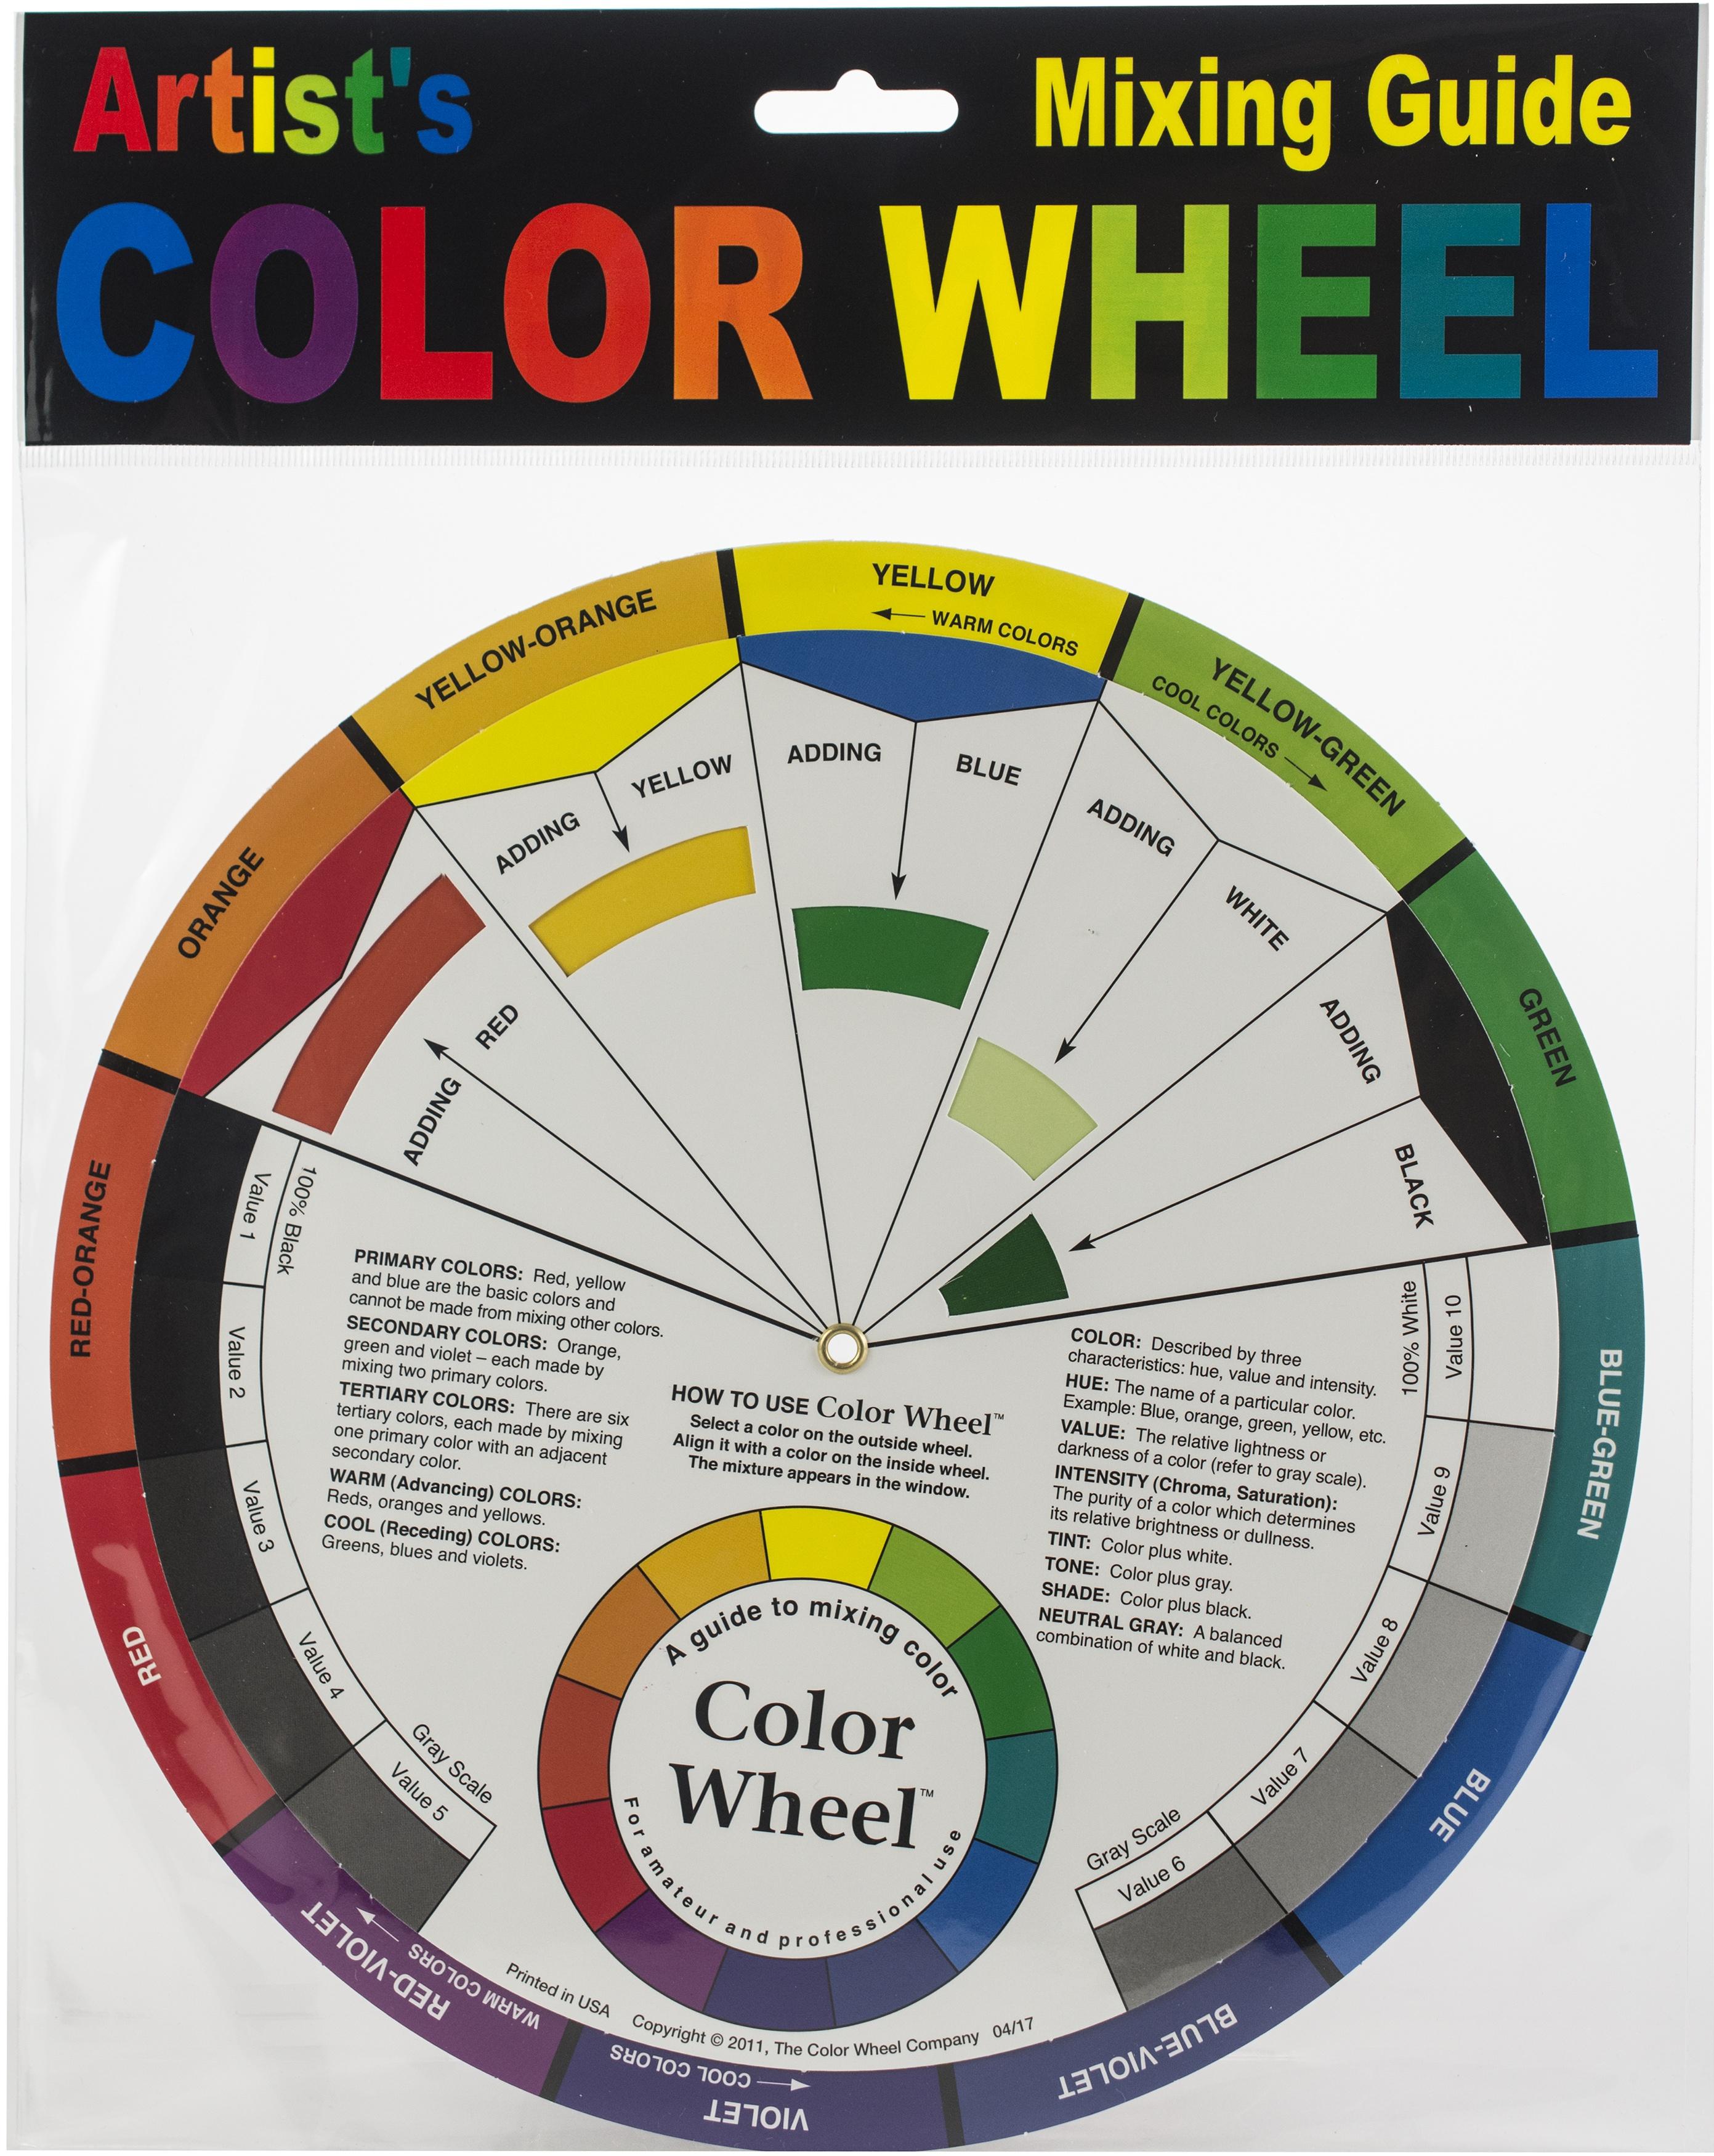 Color Wheel-9.25